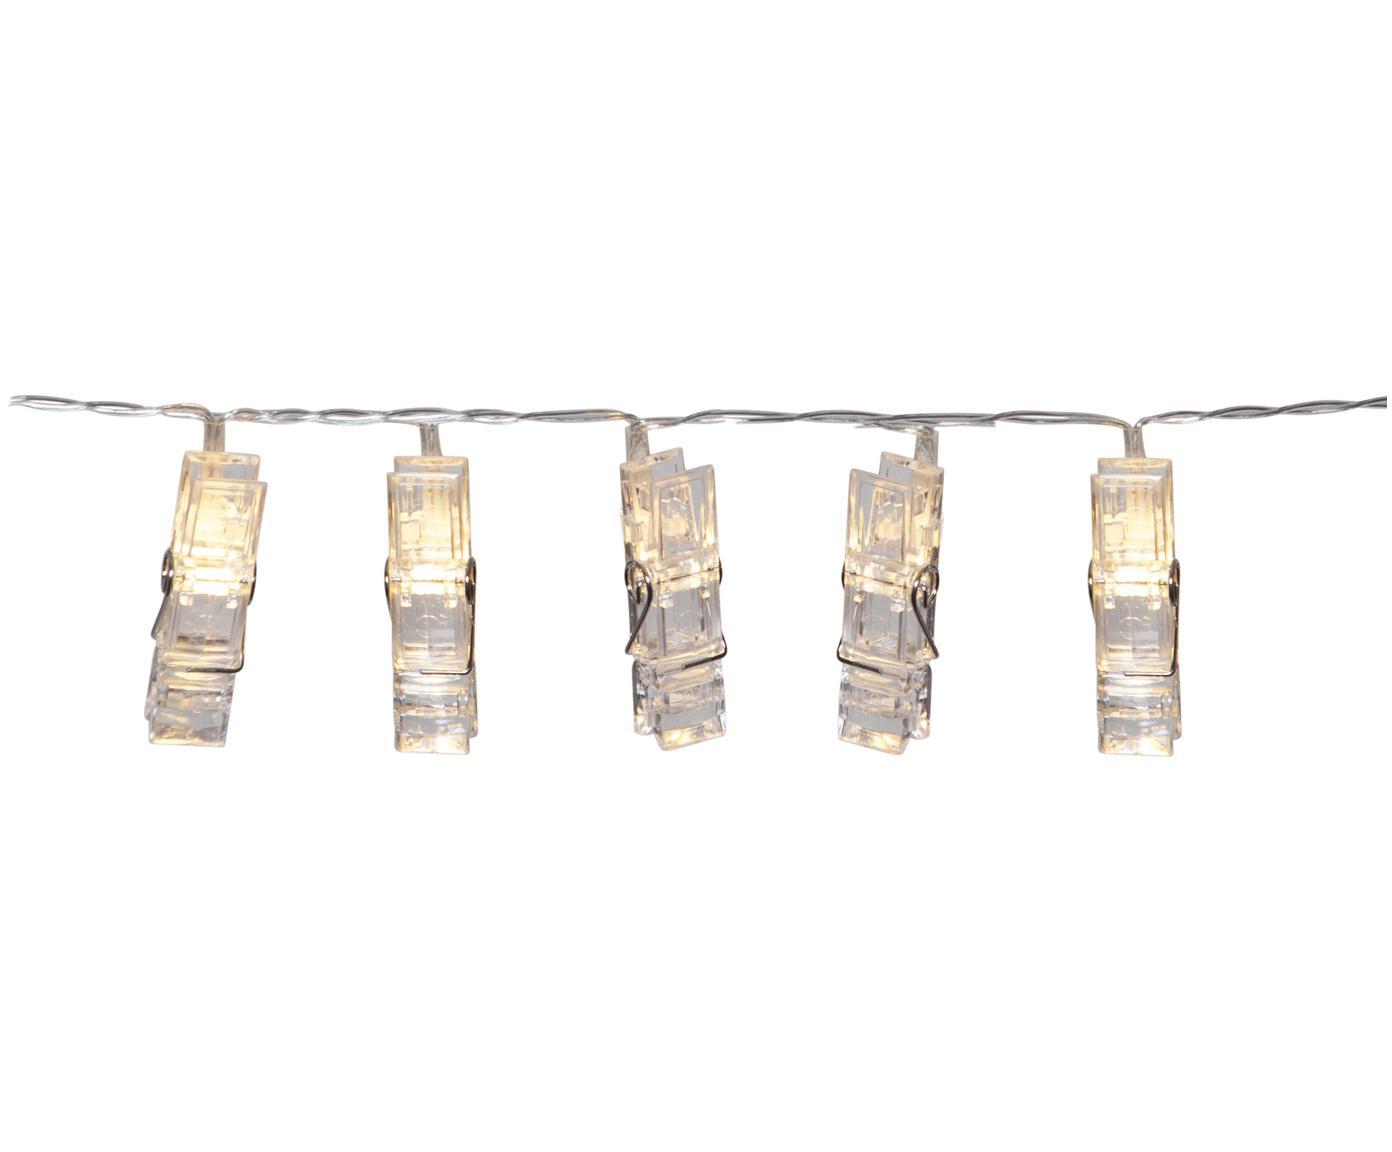 LED lichtslinger Clippy, 135 cm, Kunststof, Transparant, L 135 cm